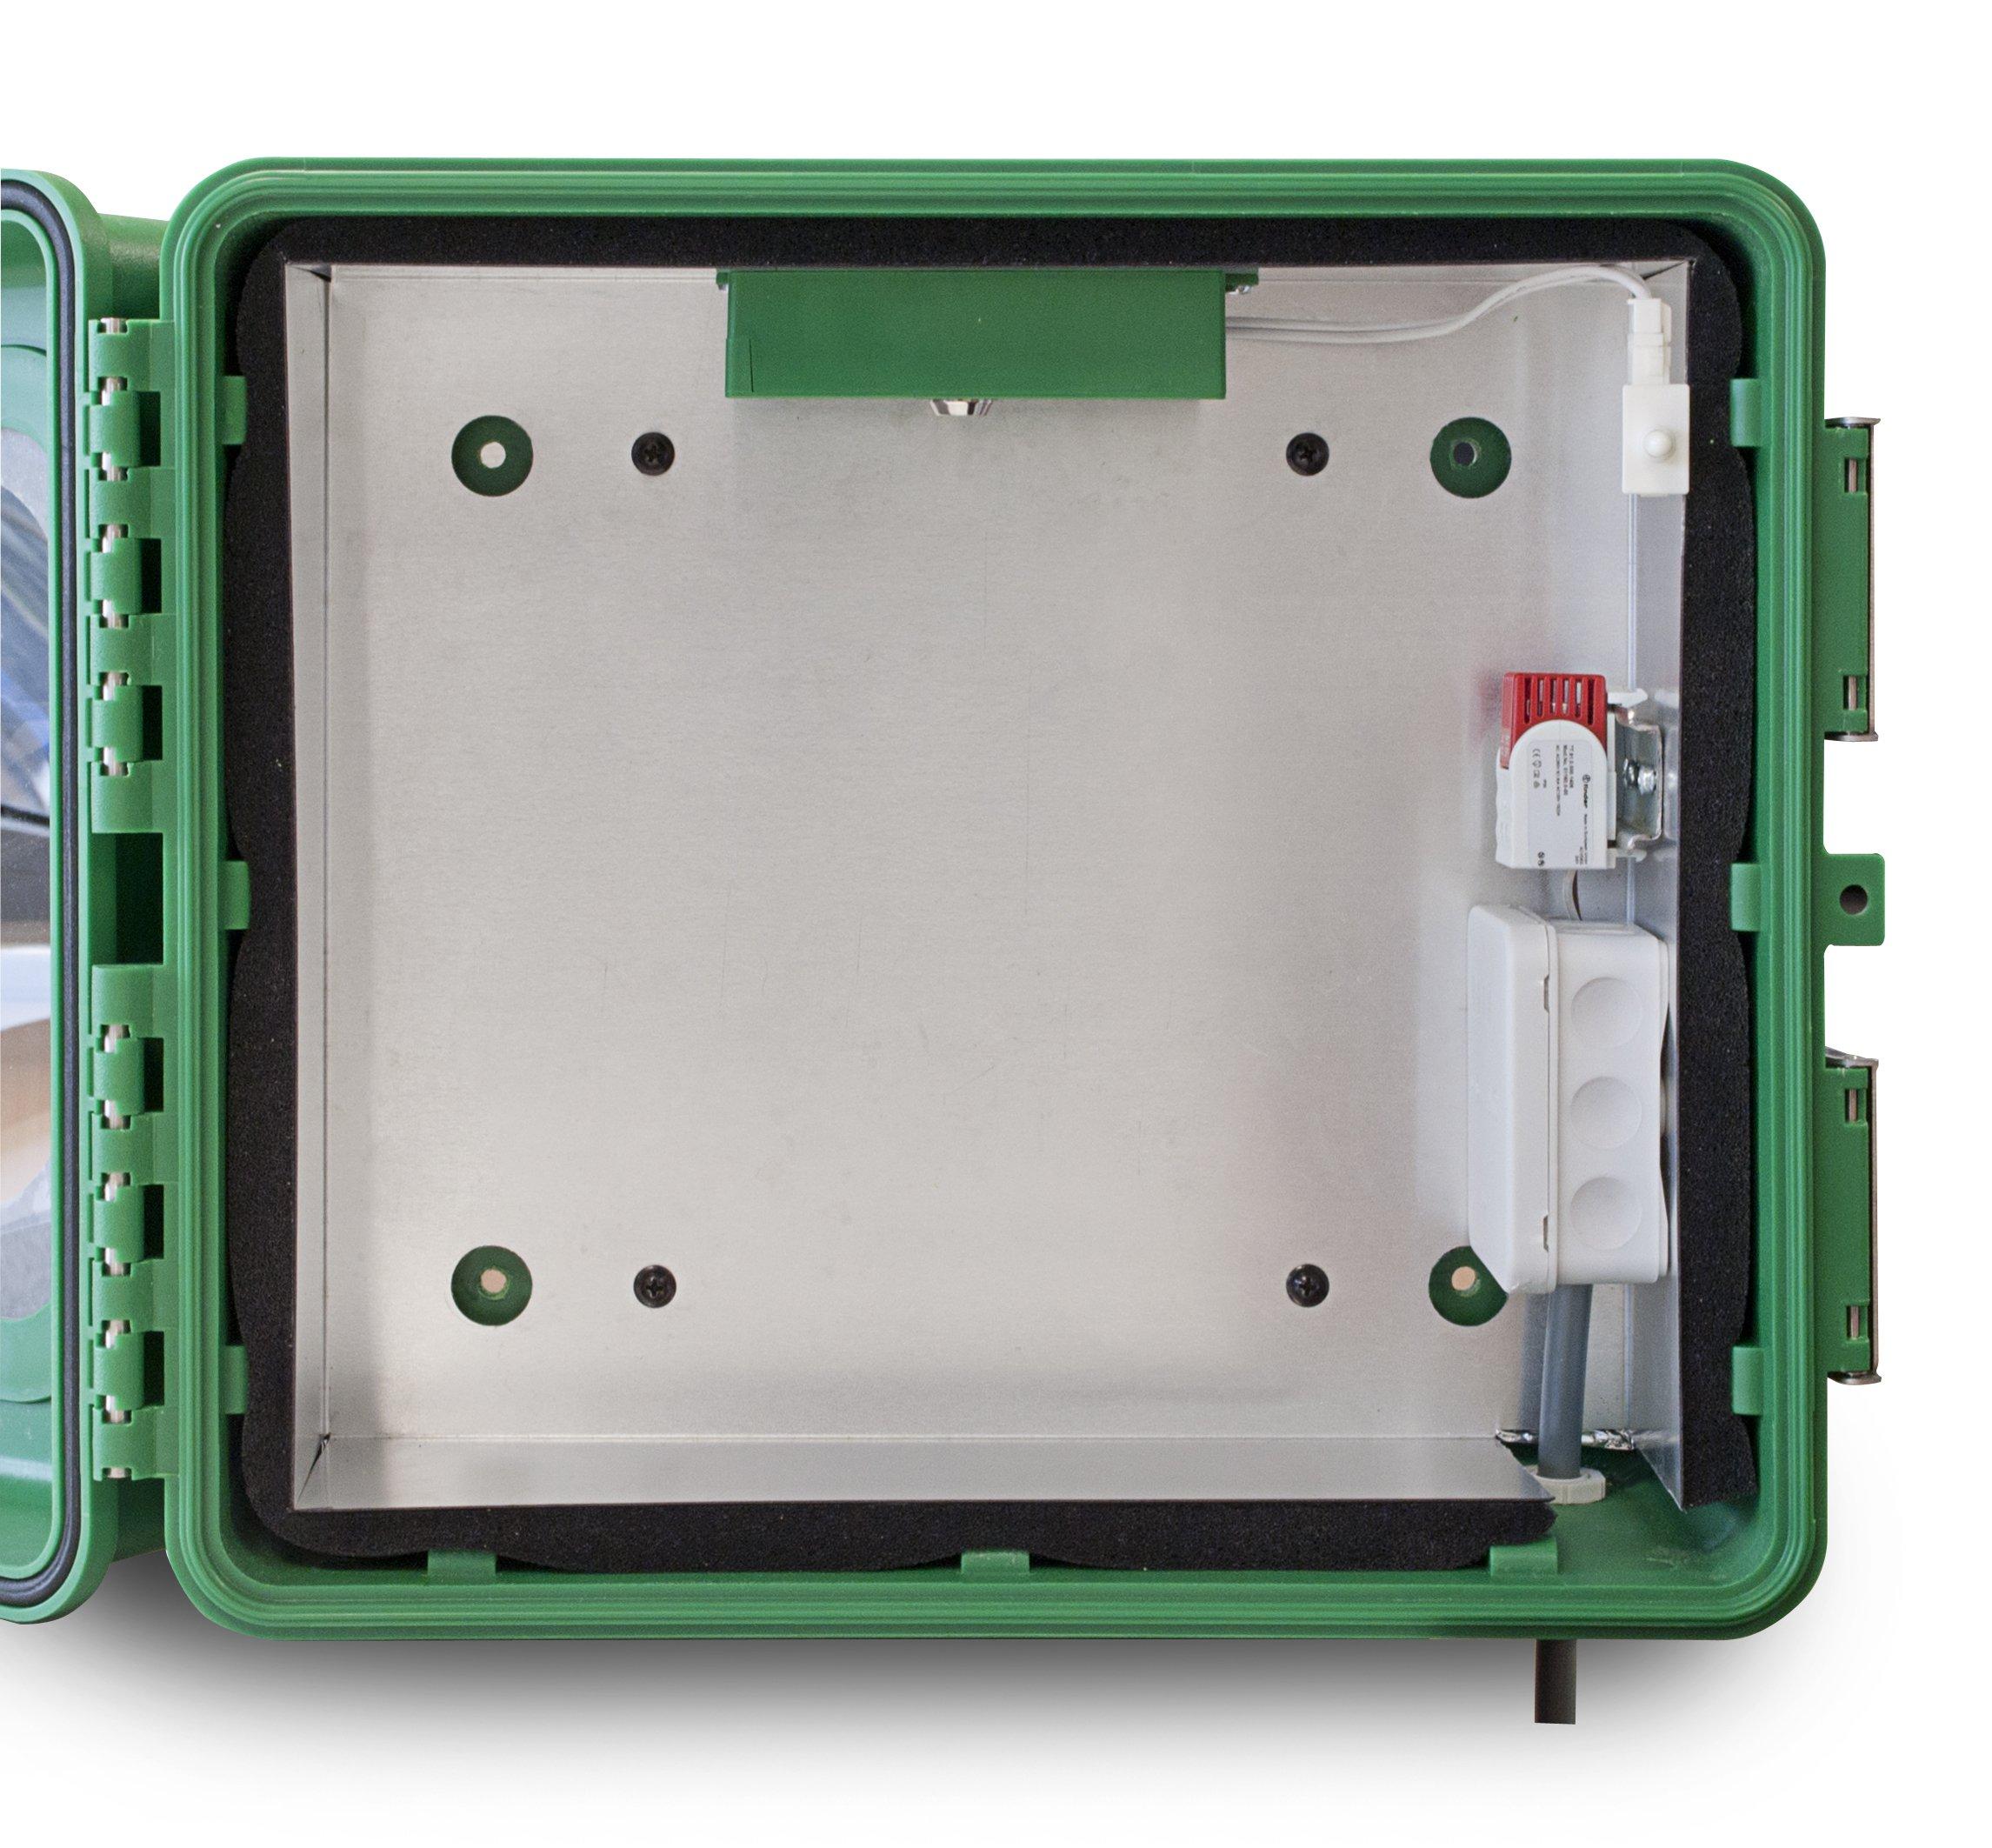 Kunstof Aed Buitenkast Met Aluminium Inlay En Alarm En Verwarming